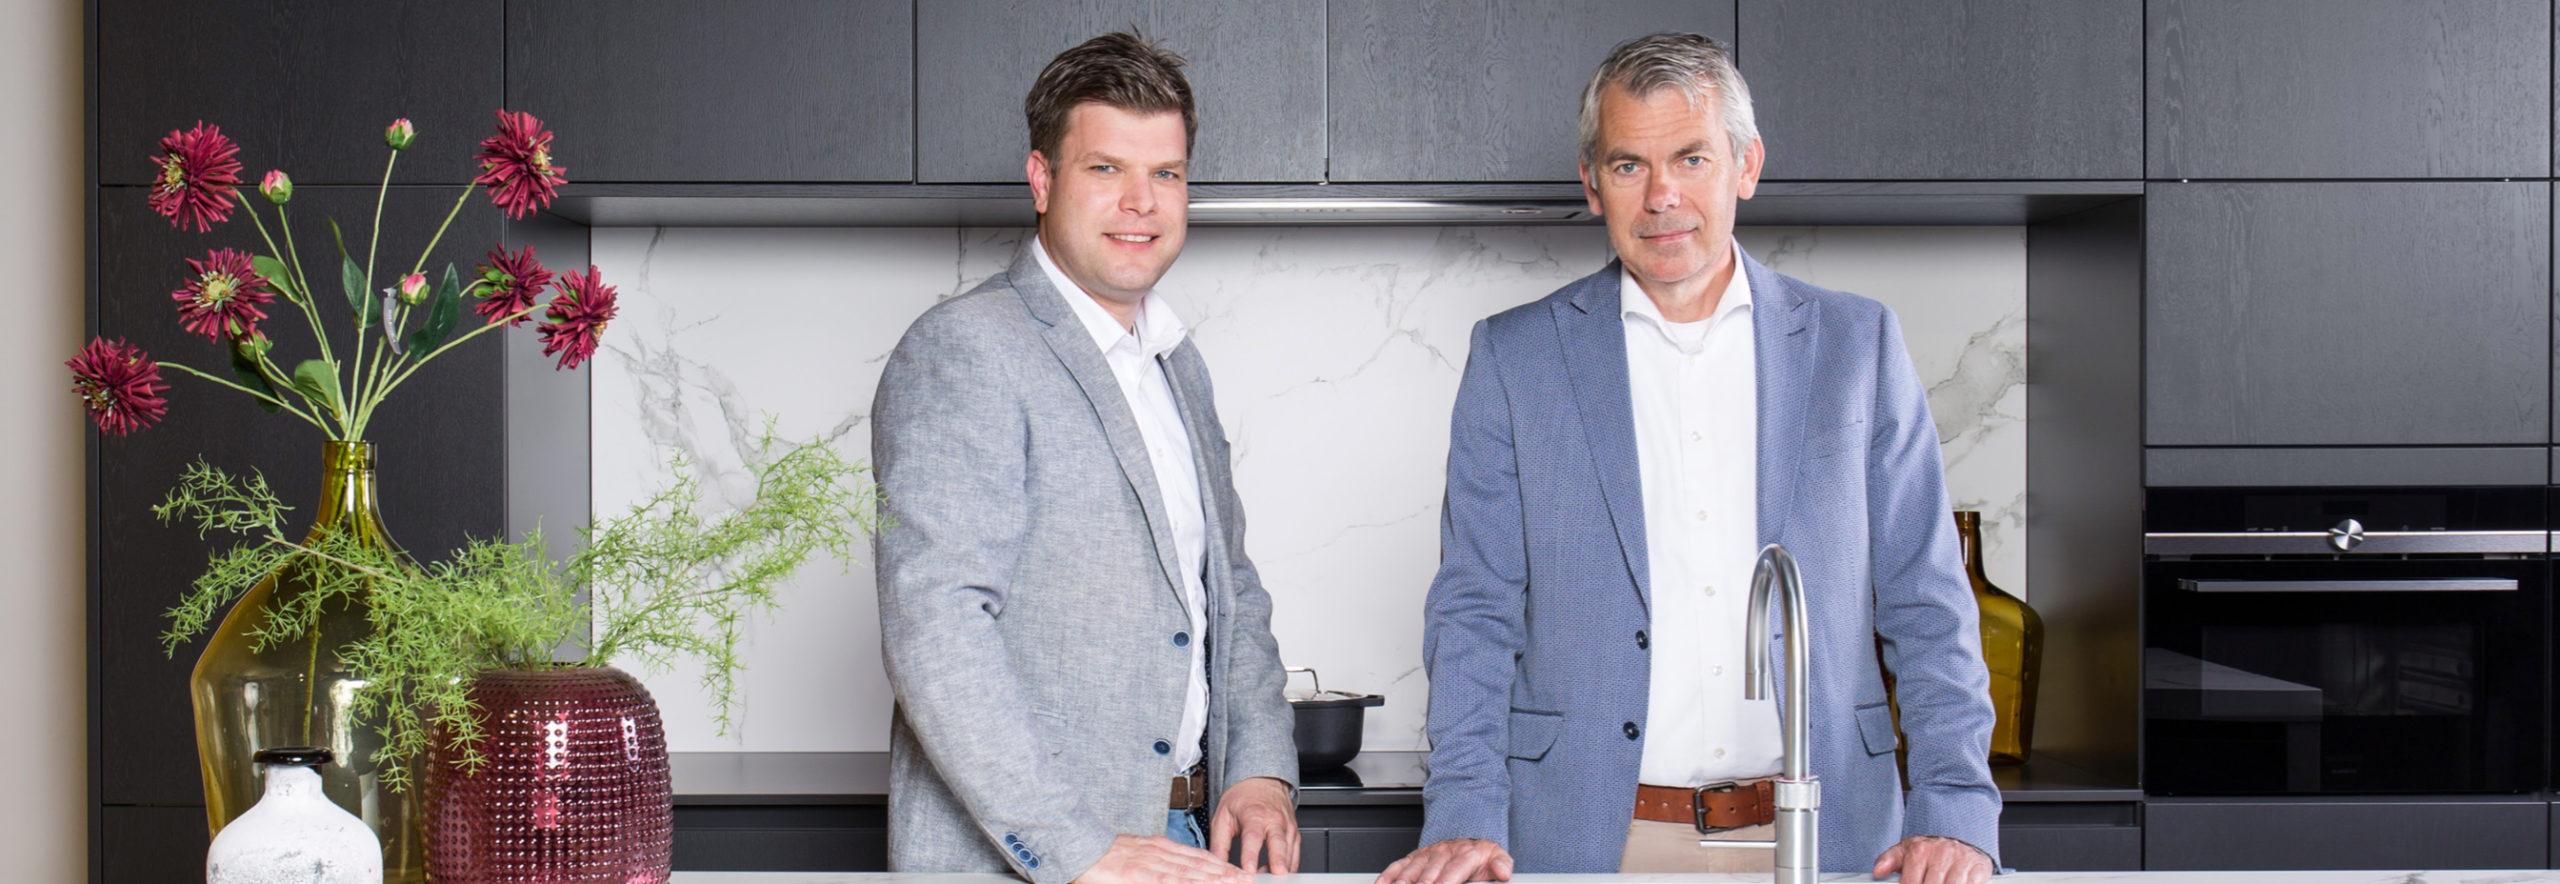 Huidig commercieel directeur Maurits Heijmen en algemeen directeur Henny Jansen